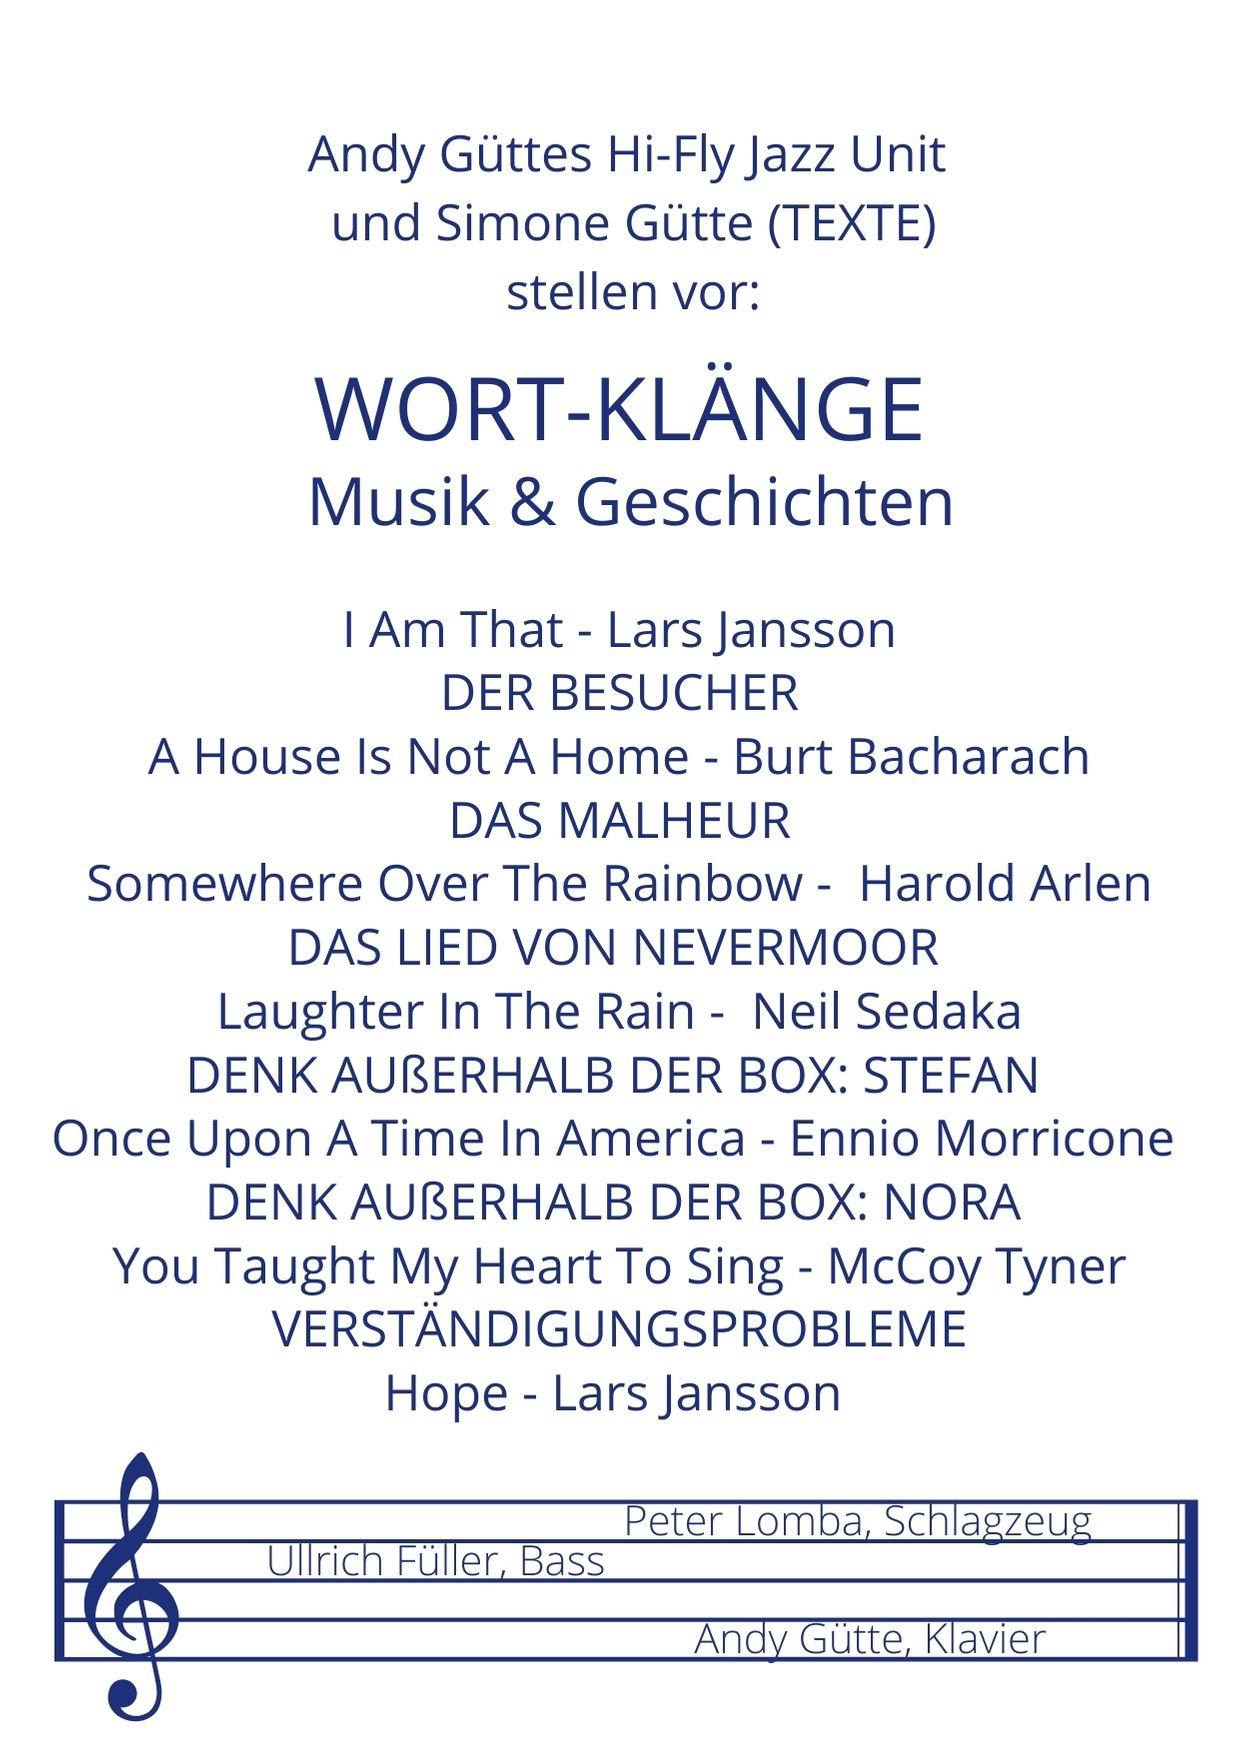 Das Programm der WORT-KLÄNGE Musik & Geschichten